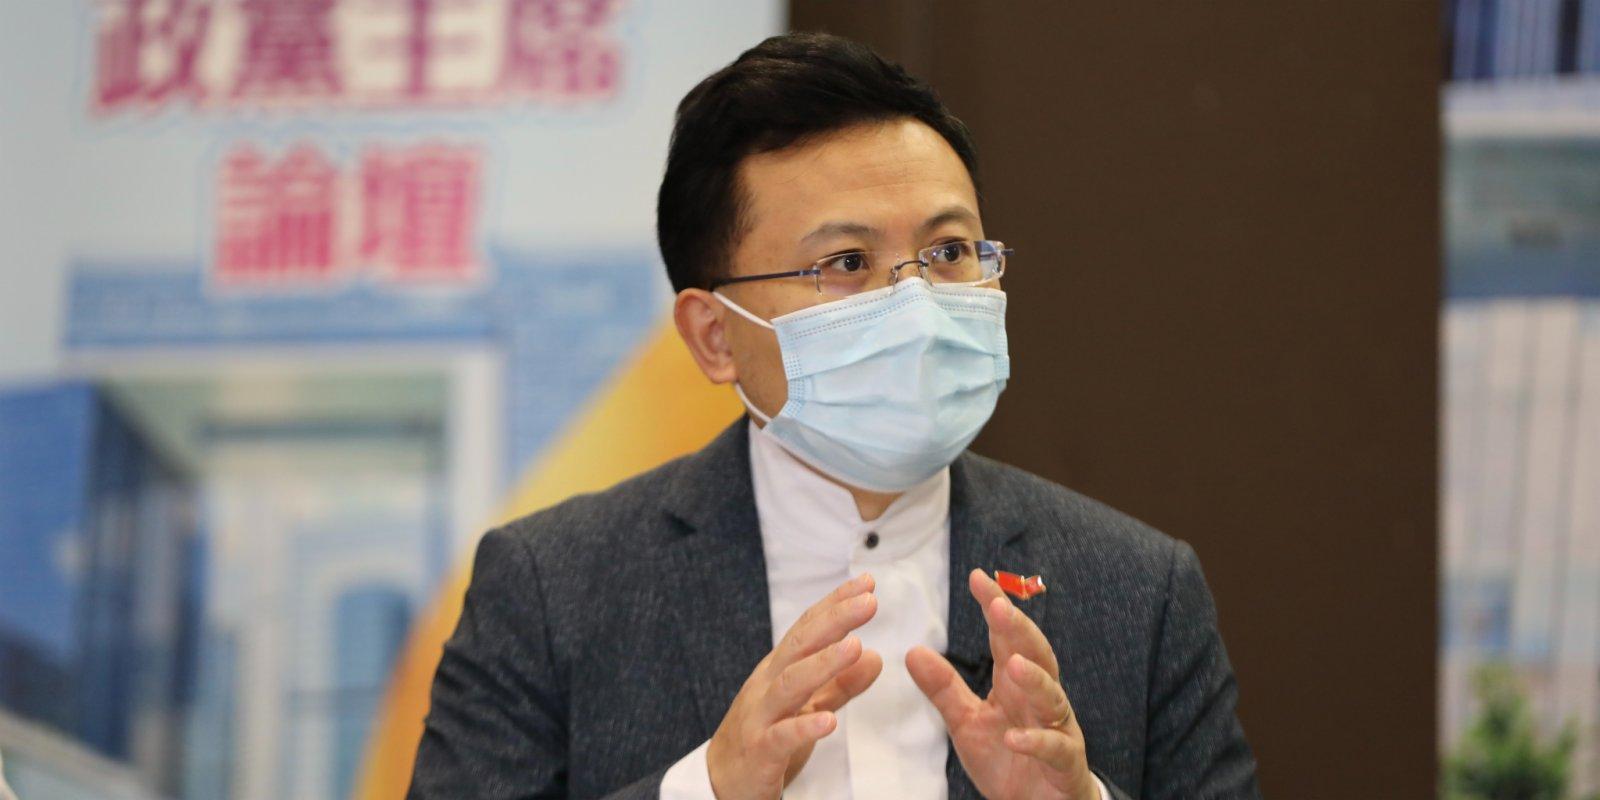 香港政黨主席論壇|建制政黨籲政府推強制檢測  嚴防境外輸入